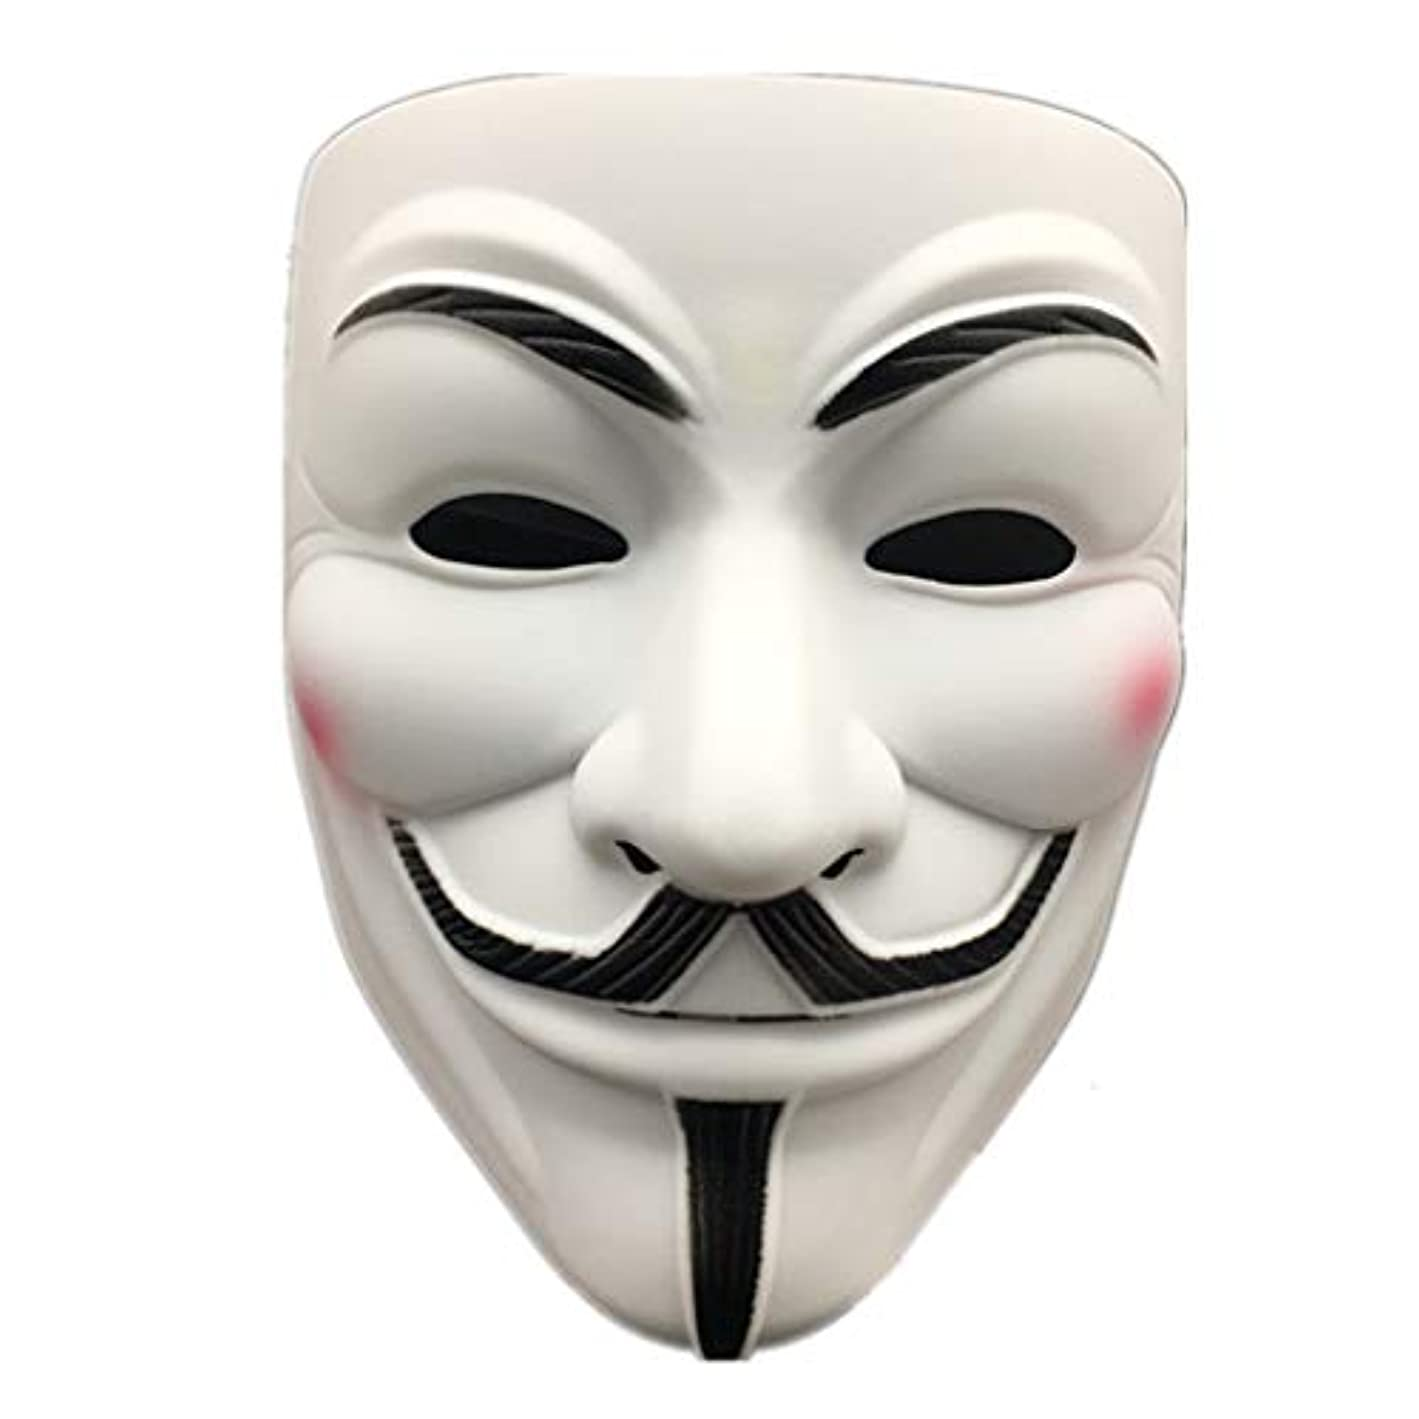 四面体ユーザー反発ハロウィンマスクフルフェイスストリートダンス振動マスク仮装変なマスクダンスマスク